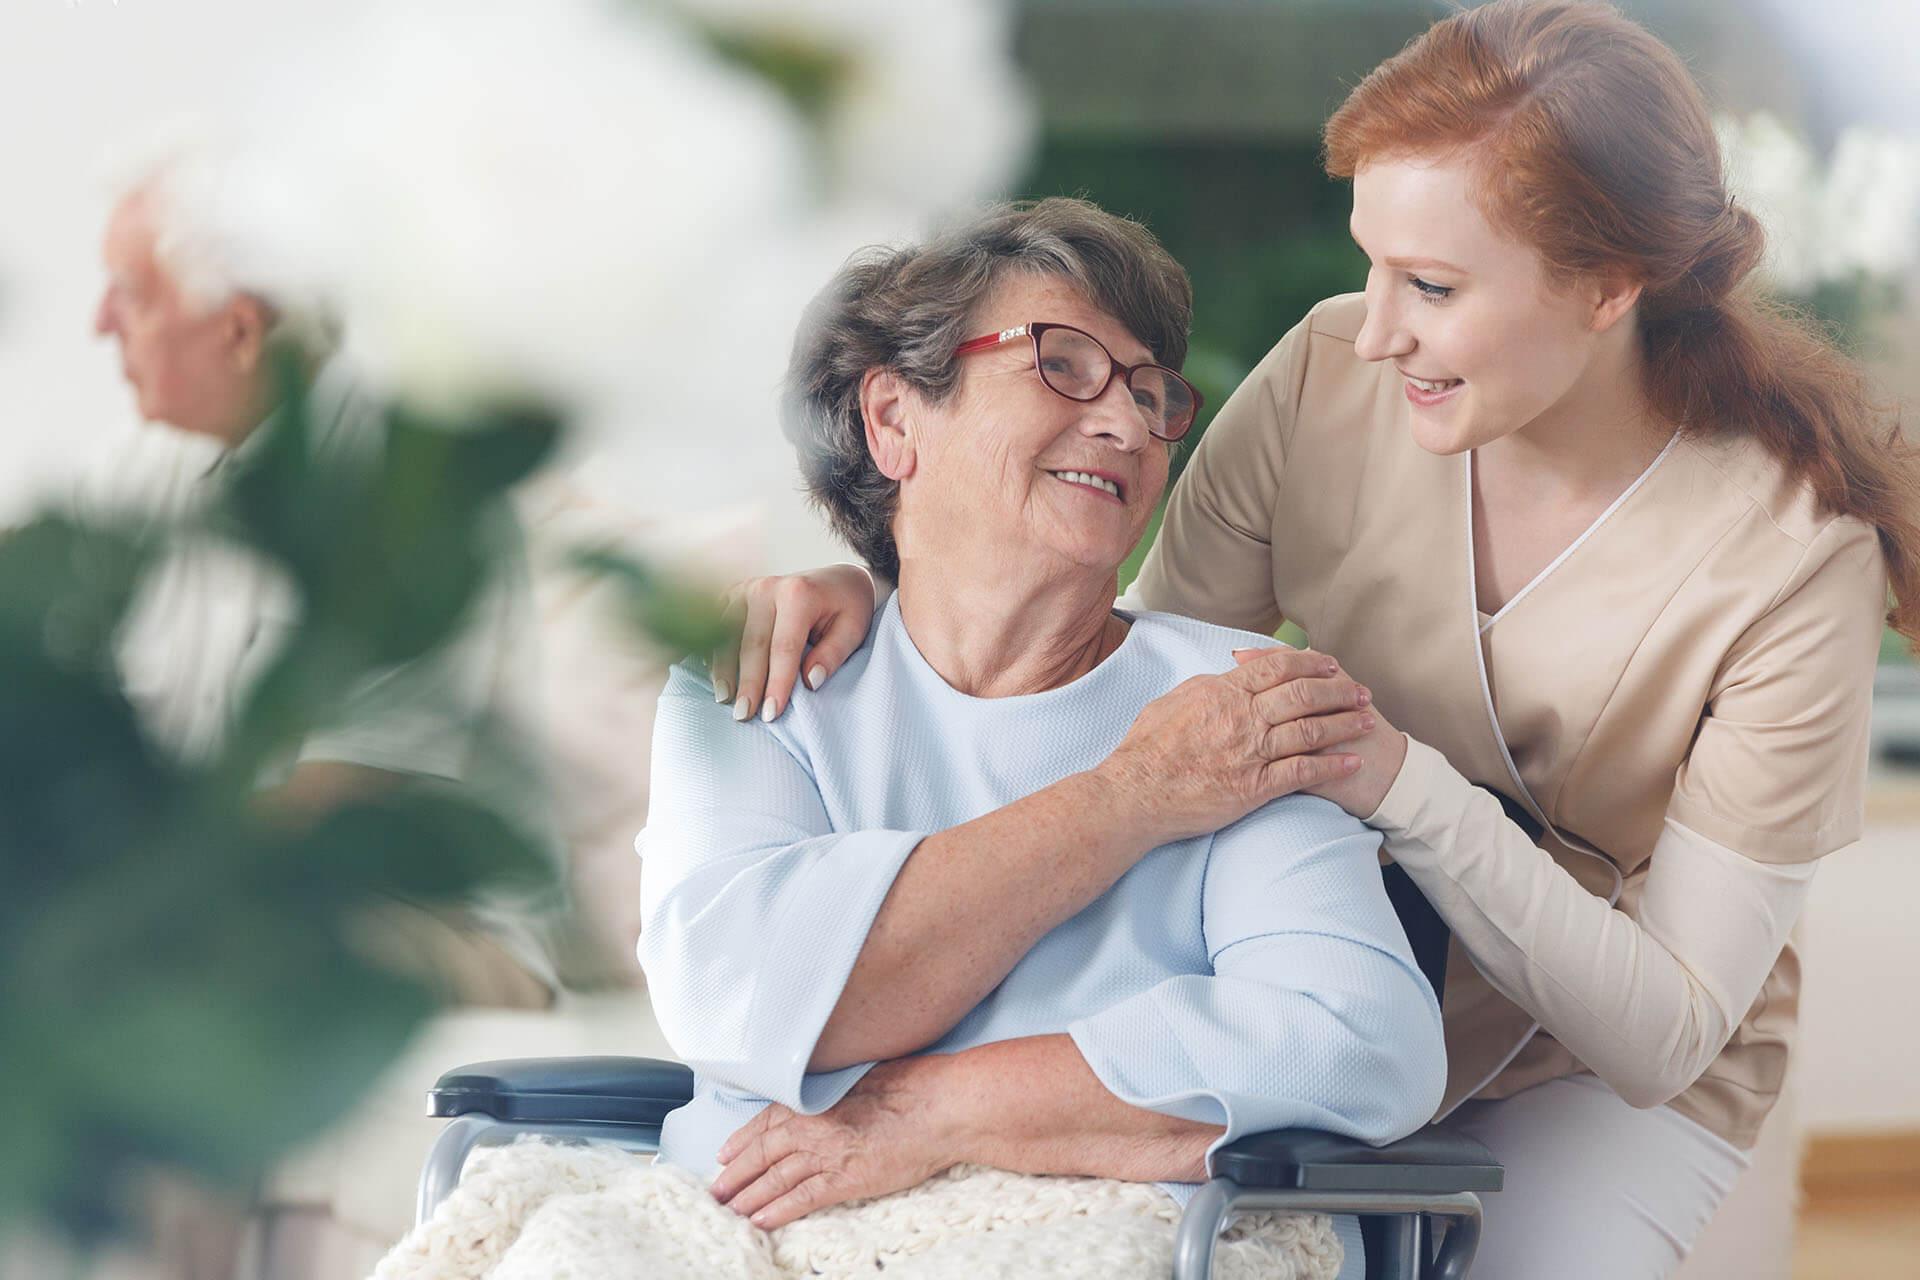 Senior citizen in wheelchair and caregiver